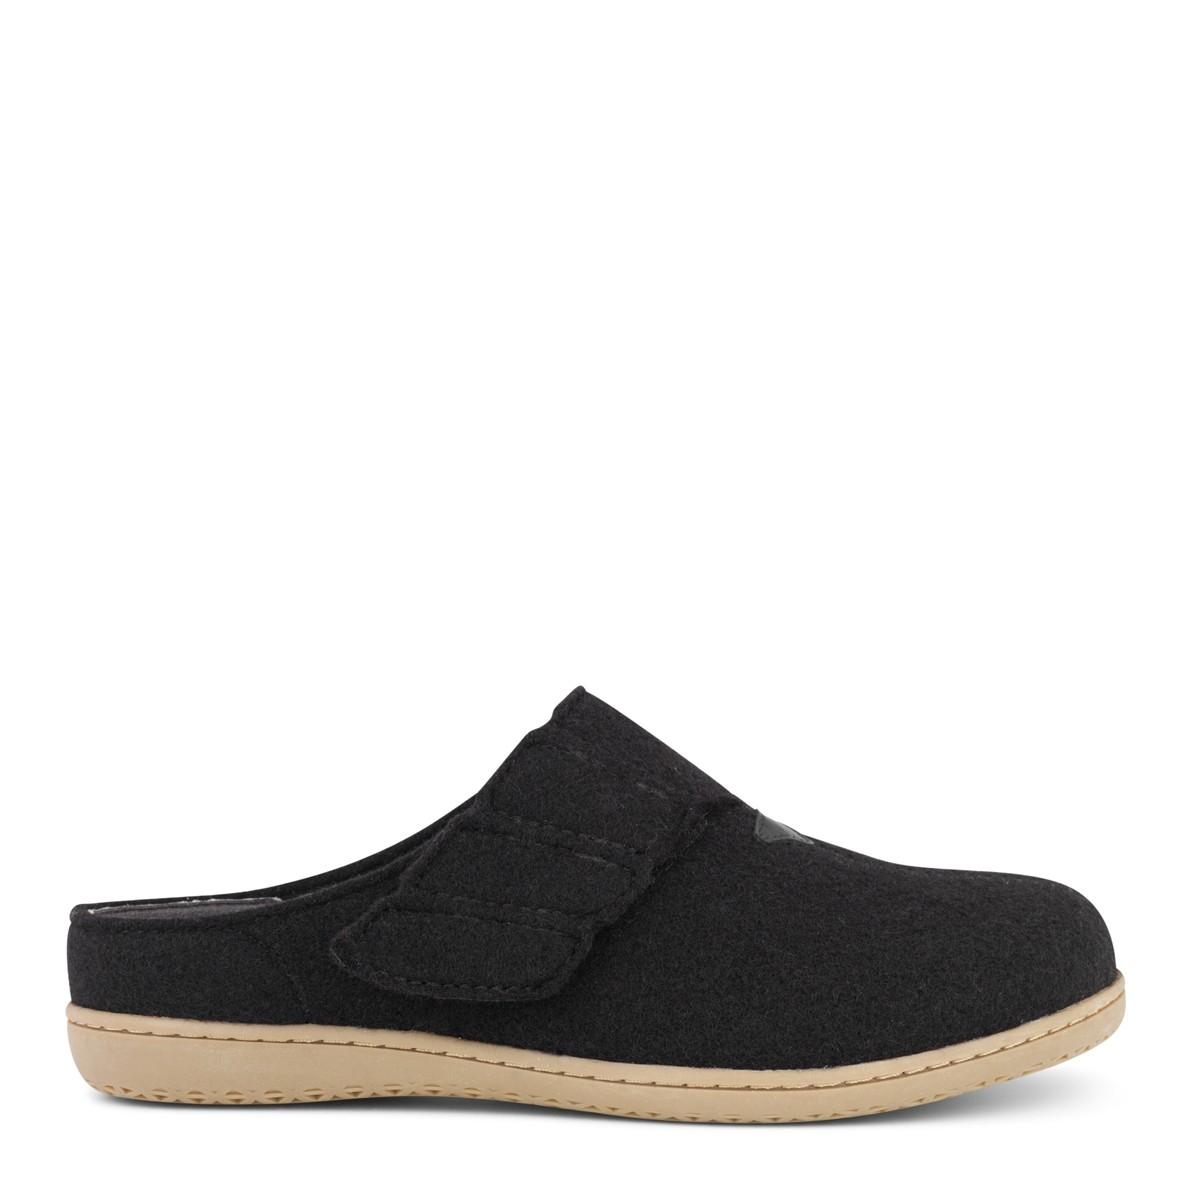 Image of   New Feet dame hjemmesko i uld uden hælkappe